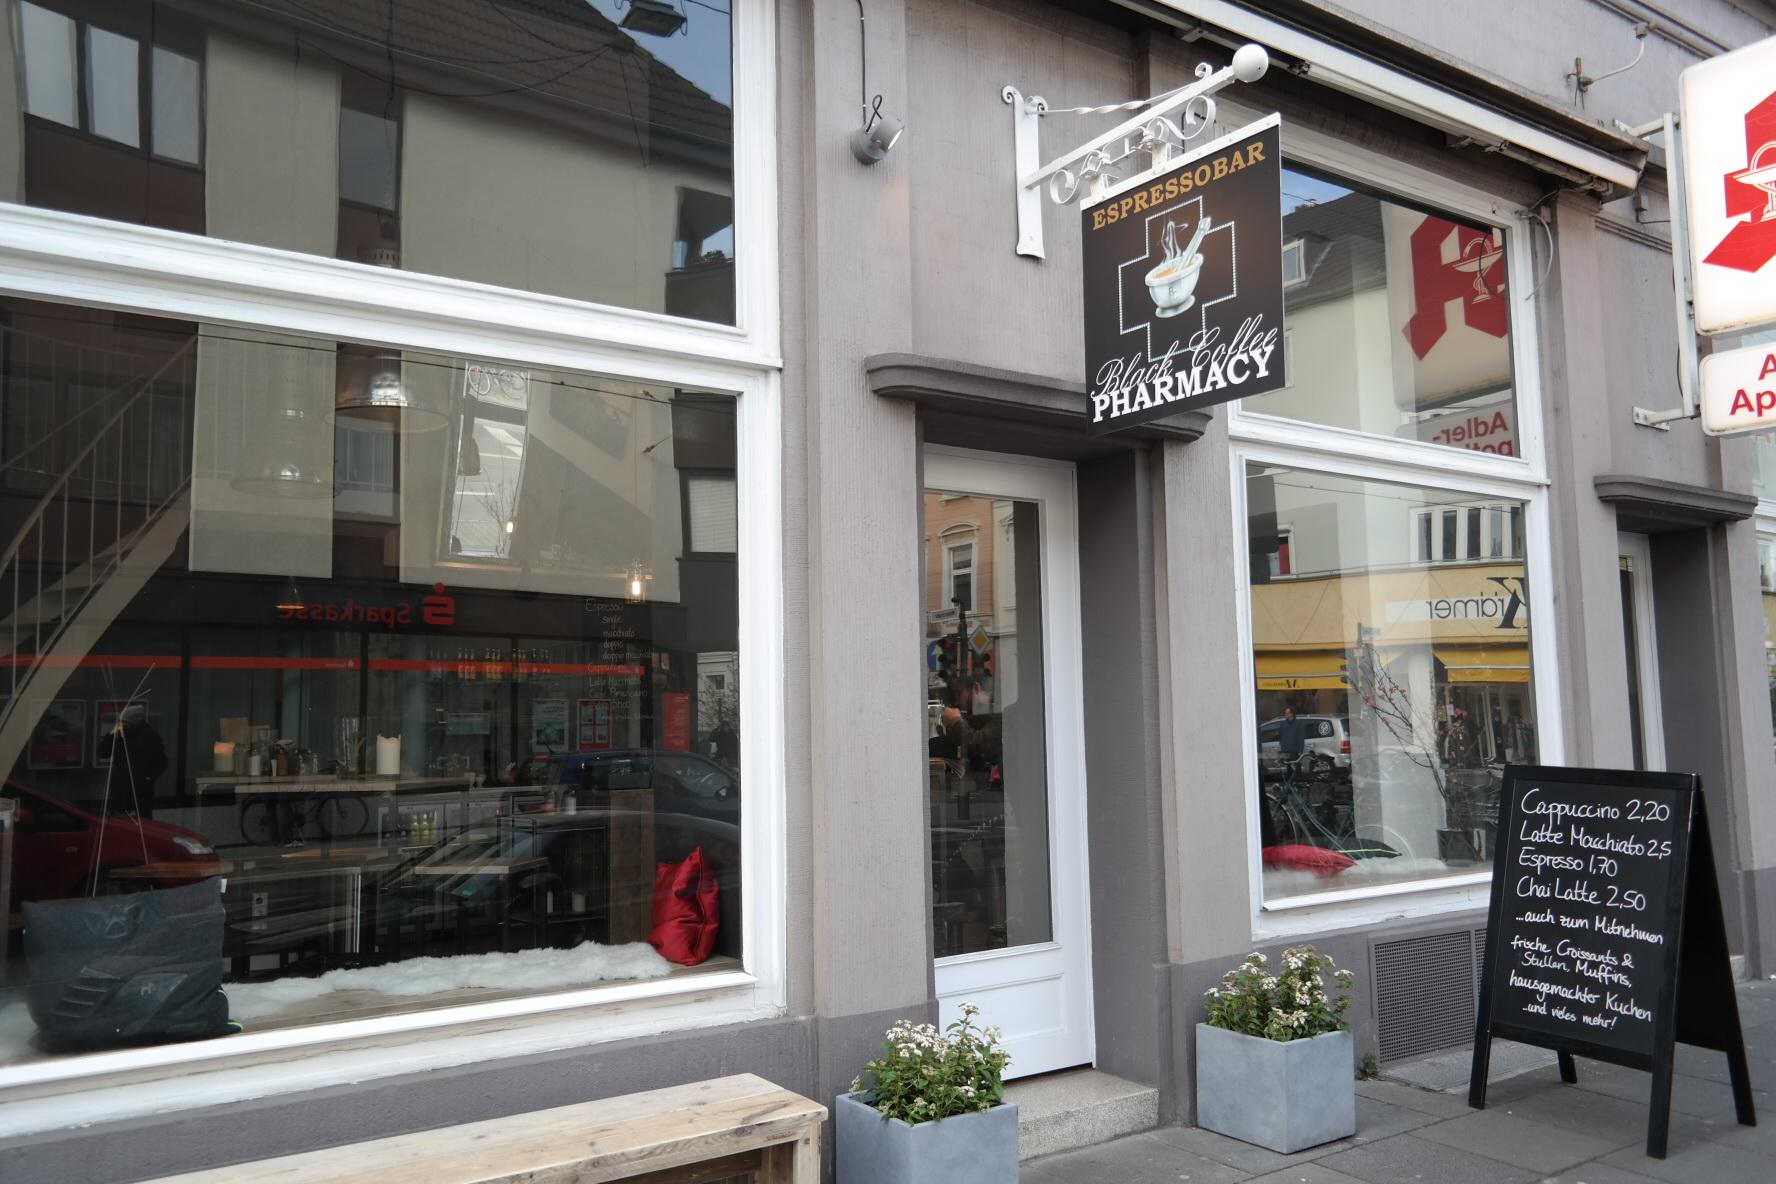 Ein guter Morgen in der Black Coffee Pharmacy // Bei Chai Latte, Frühstück und Detailliebe